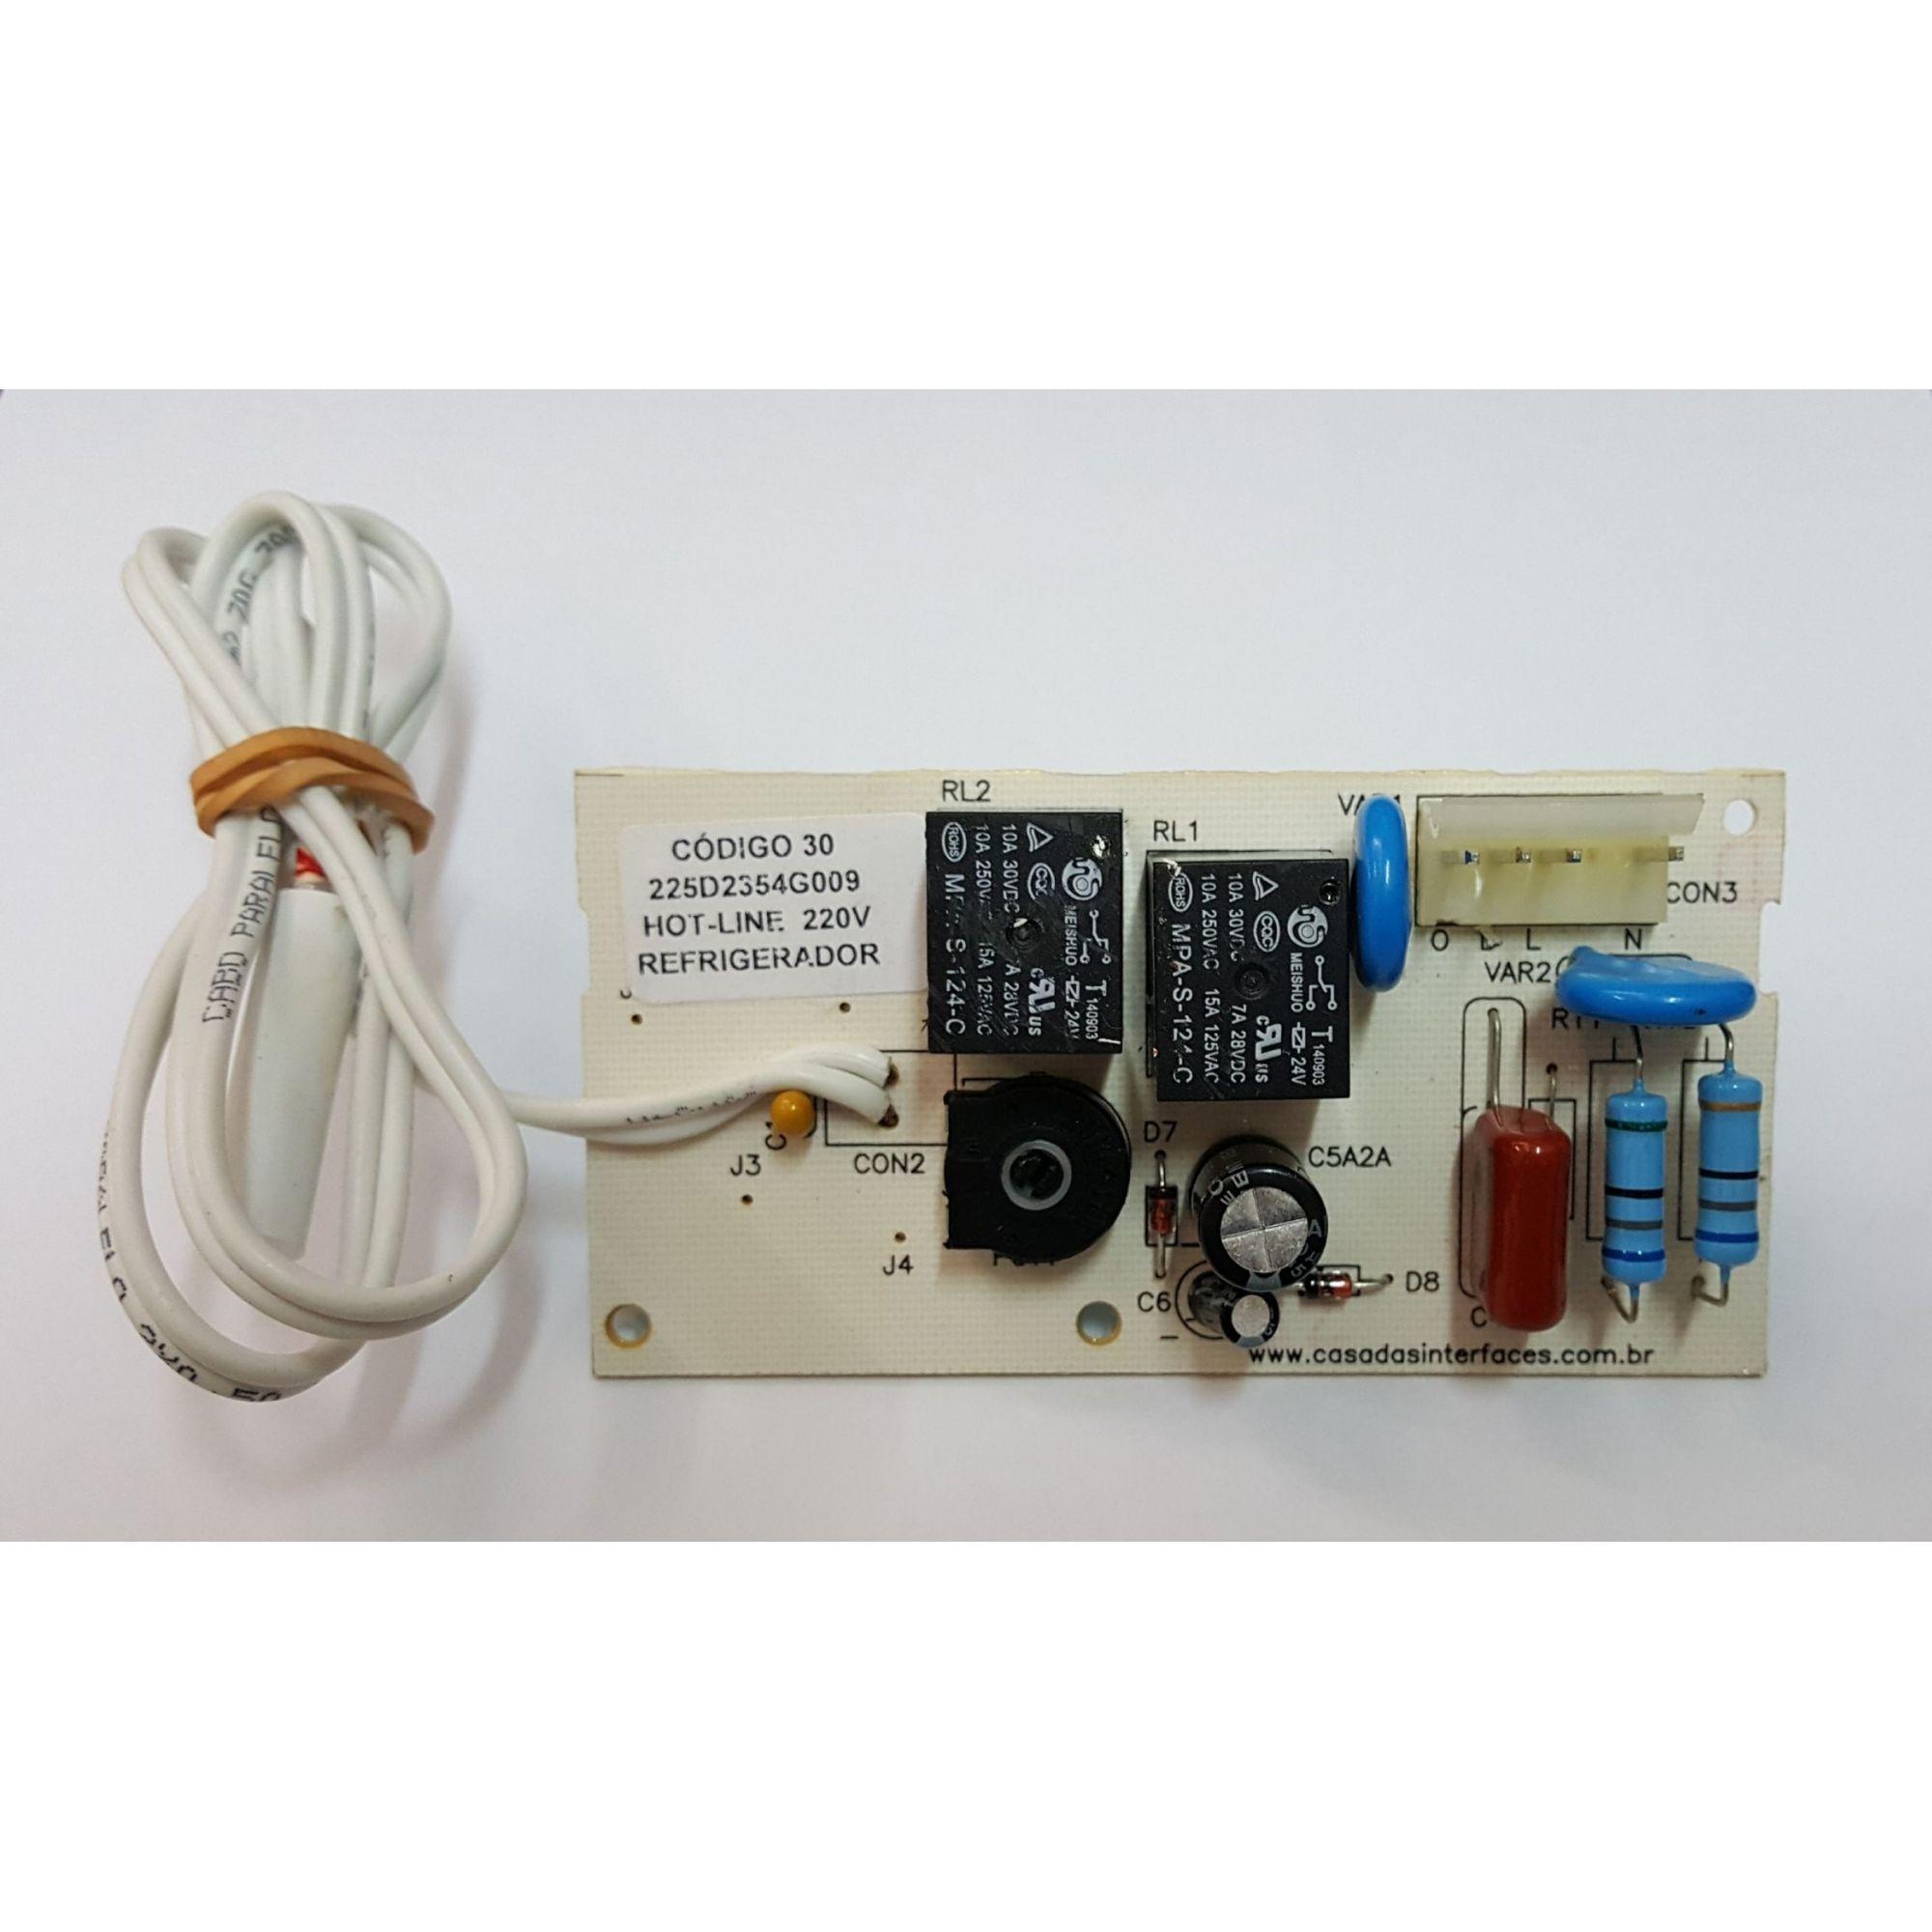 Placa Eletrônica GE HOT LINE 410 / 450 220v - 225D2354G009